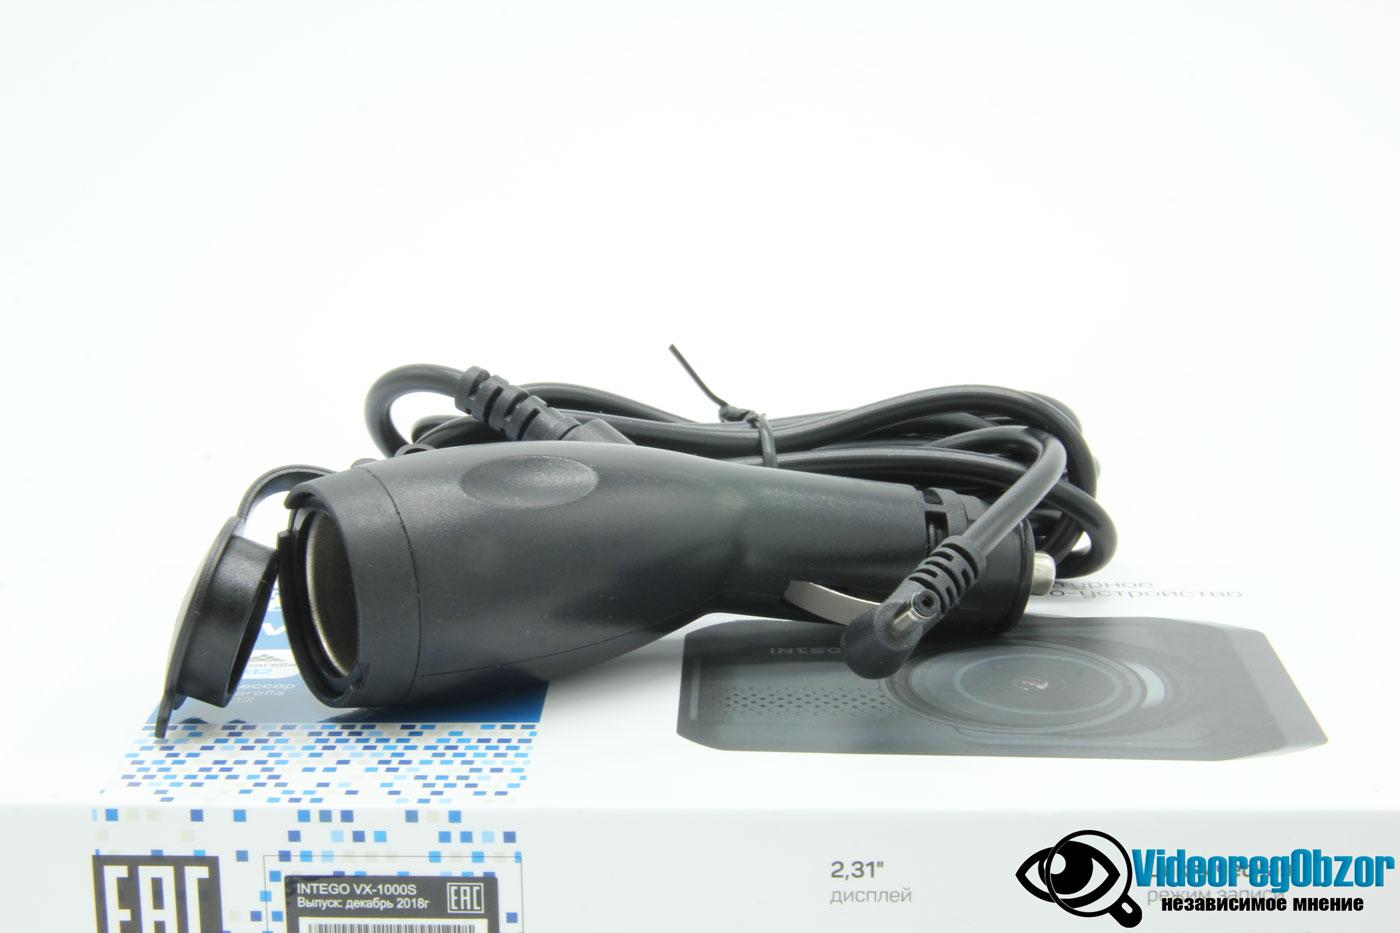 INTEGO VX 1000S 23